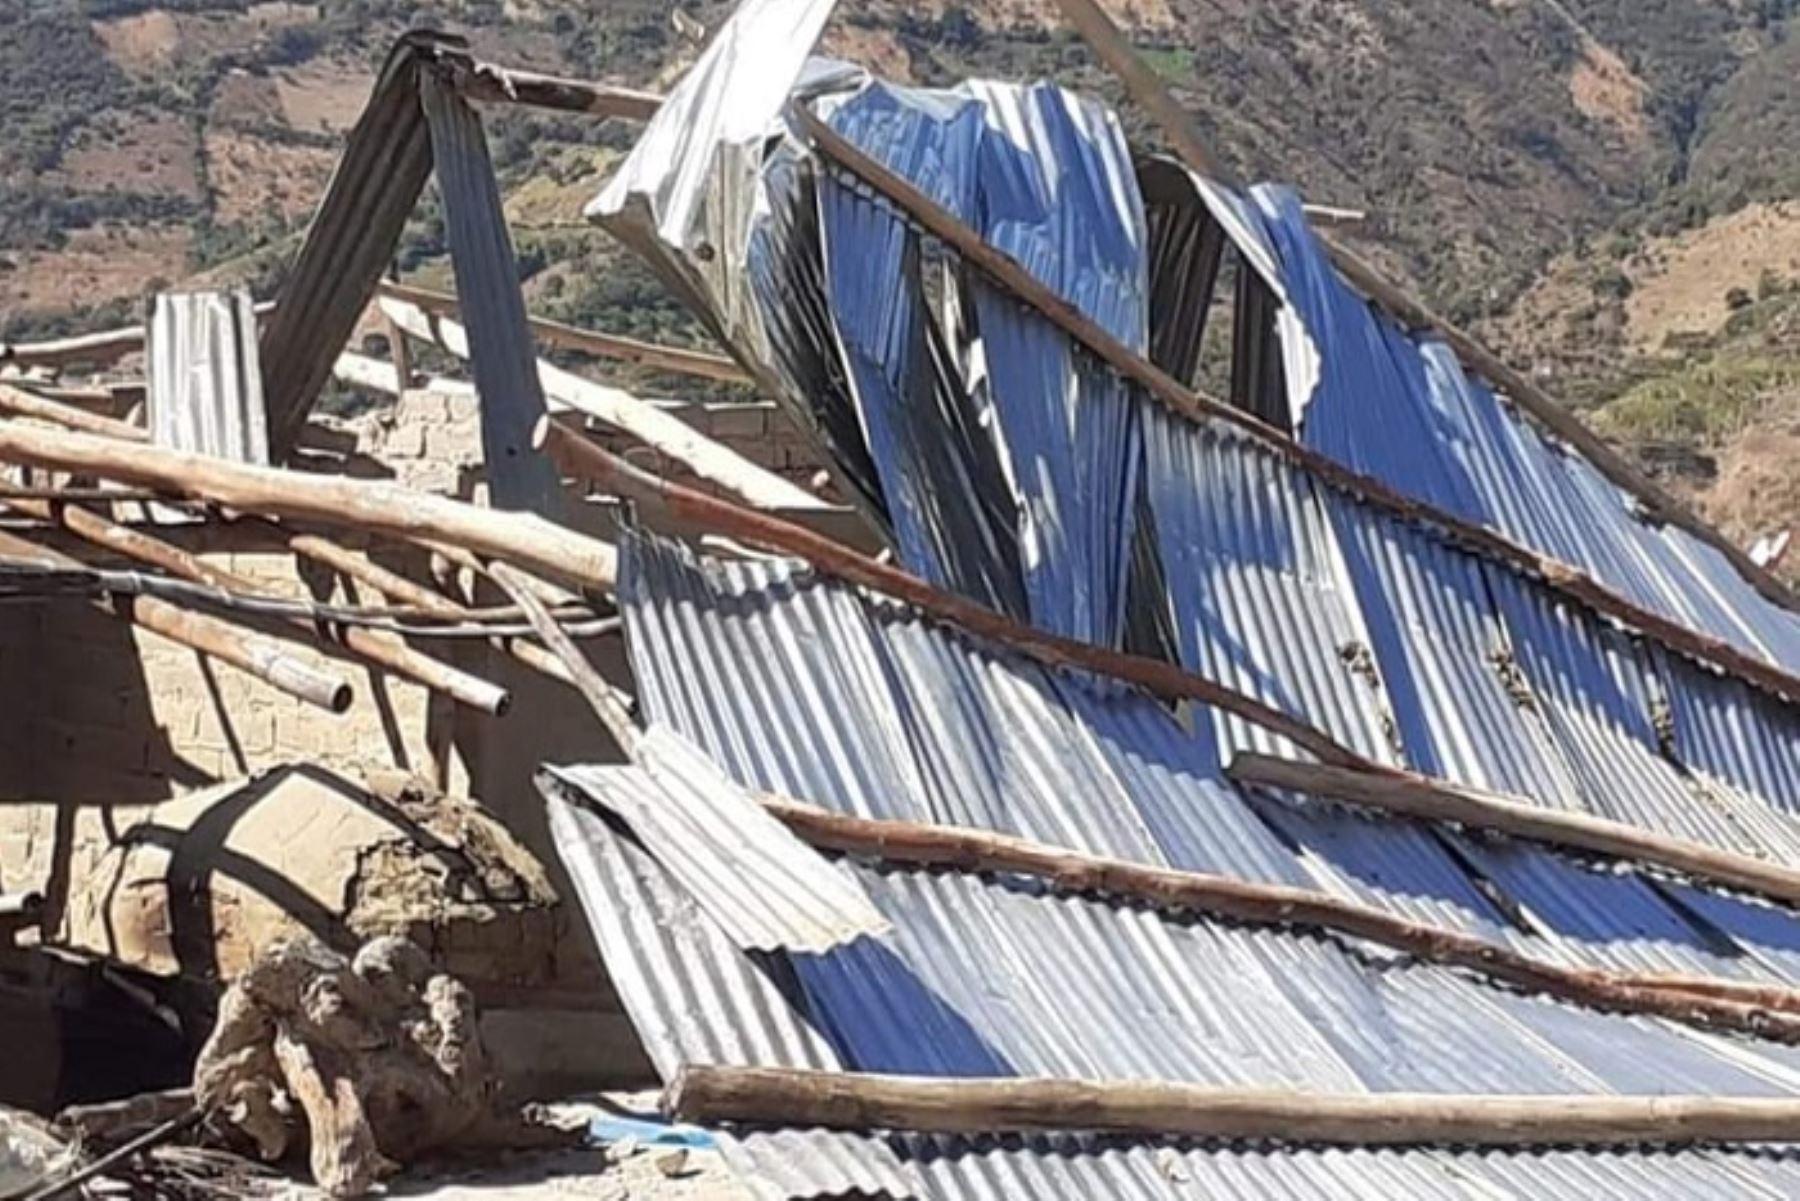 Vientos fuertes y moderados levantaron los techos de rústicas viviendas en dos distritos de las regiones de Piura y Huánuco, informó el Servicio Nacional de Meteorología e Hidrología (Senamhi).